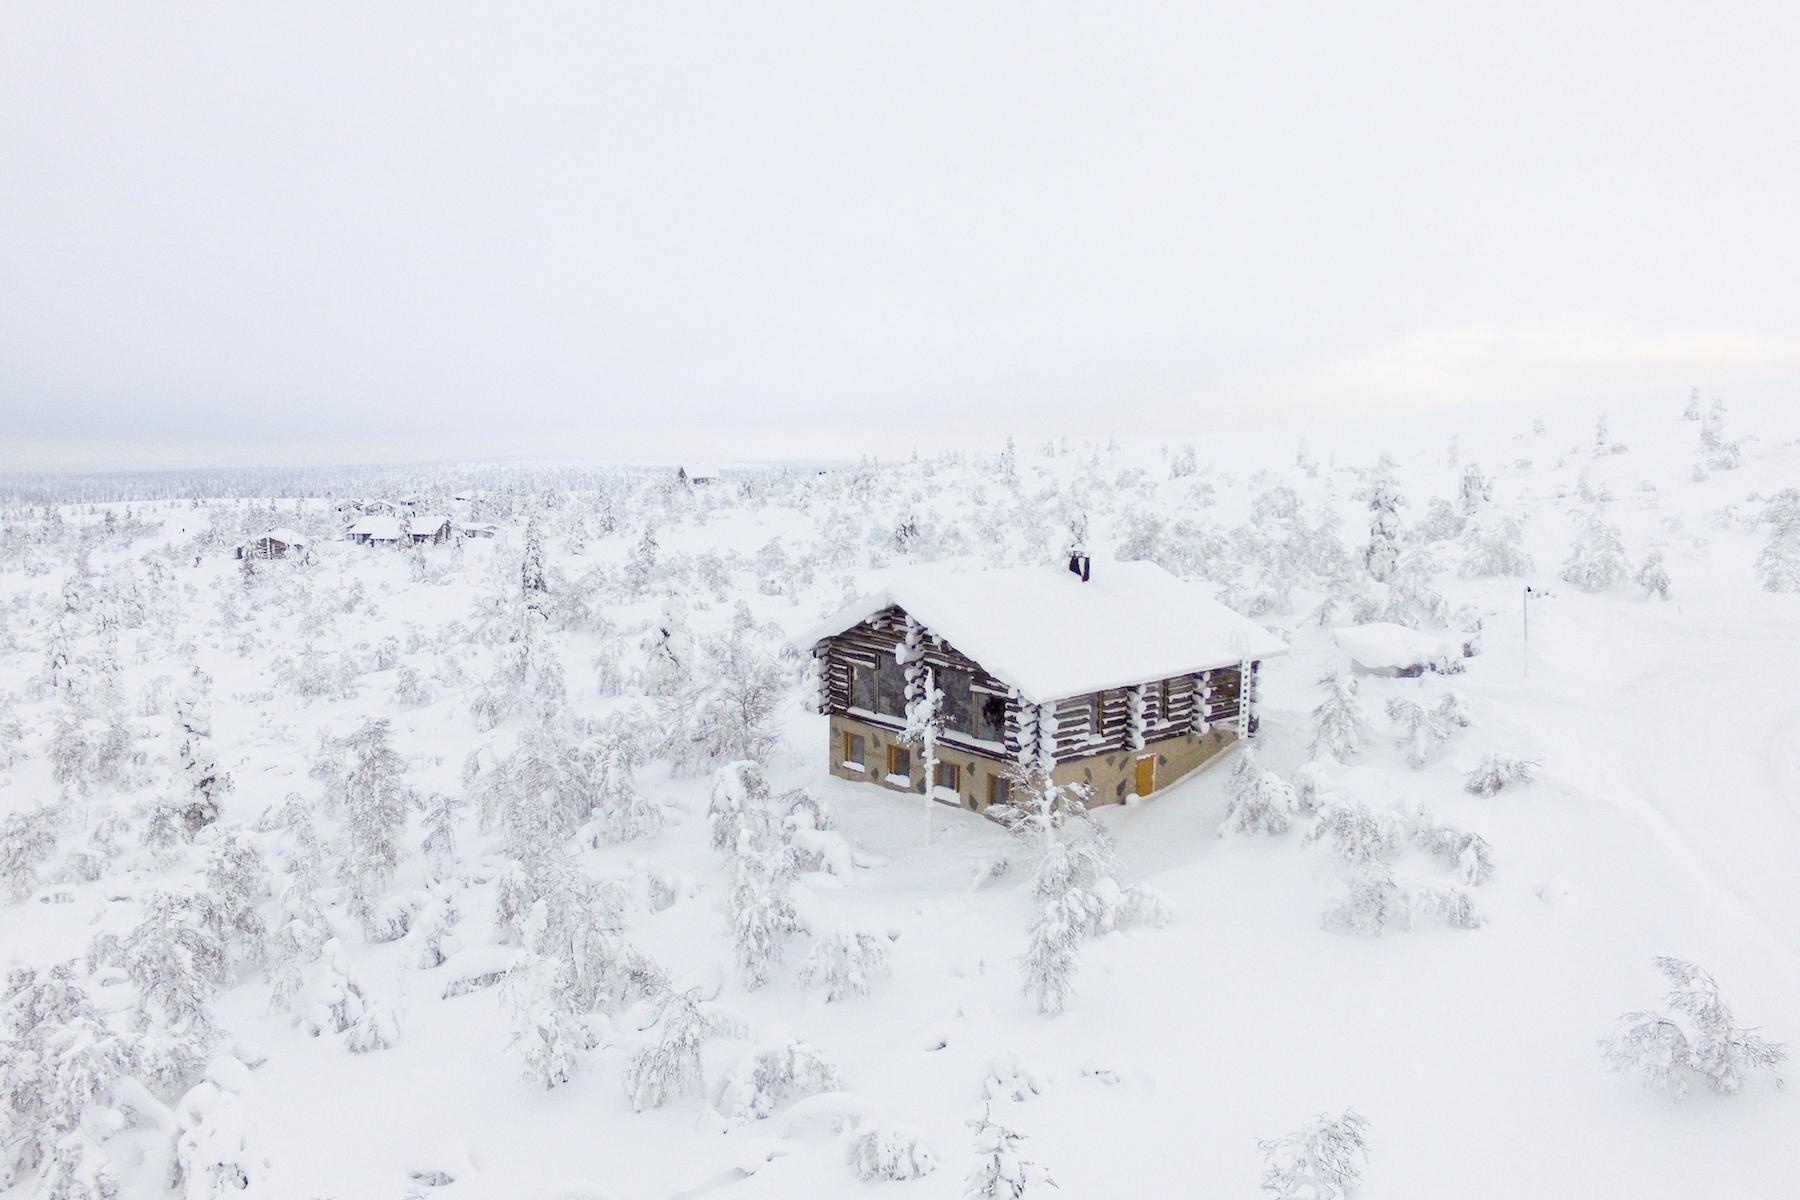 Частный односемейный дом для того Продажа на Extraordinary Ski Chalet in Lapland Uuvana 1 Other Cities In Finland, Cities In Finland, 99830 Finland